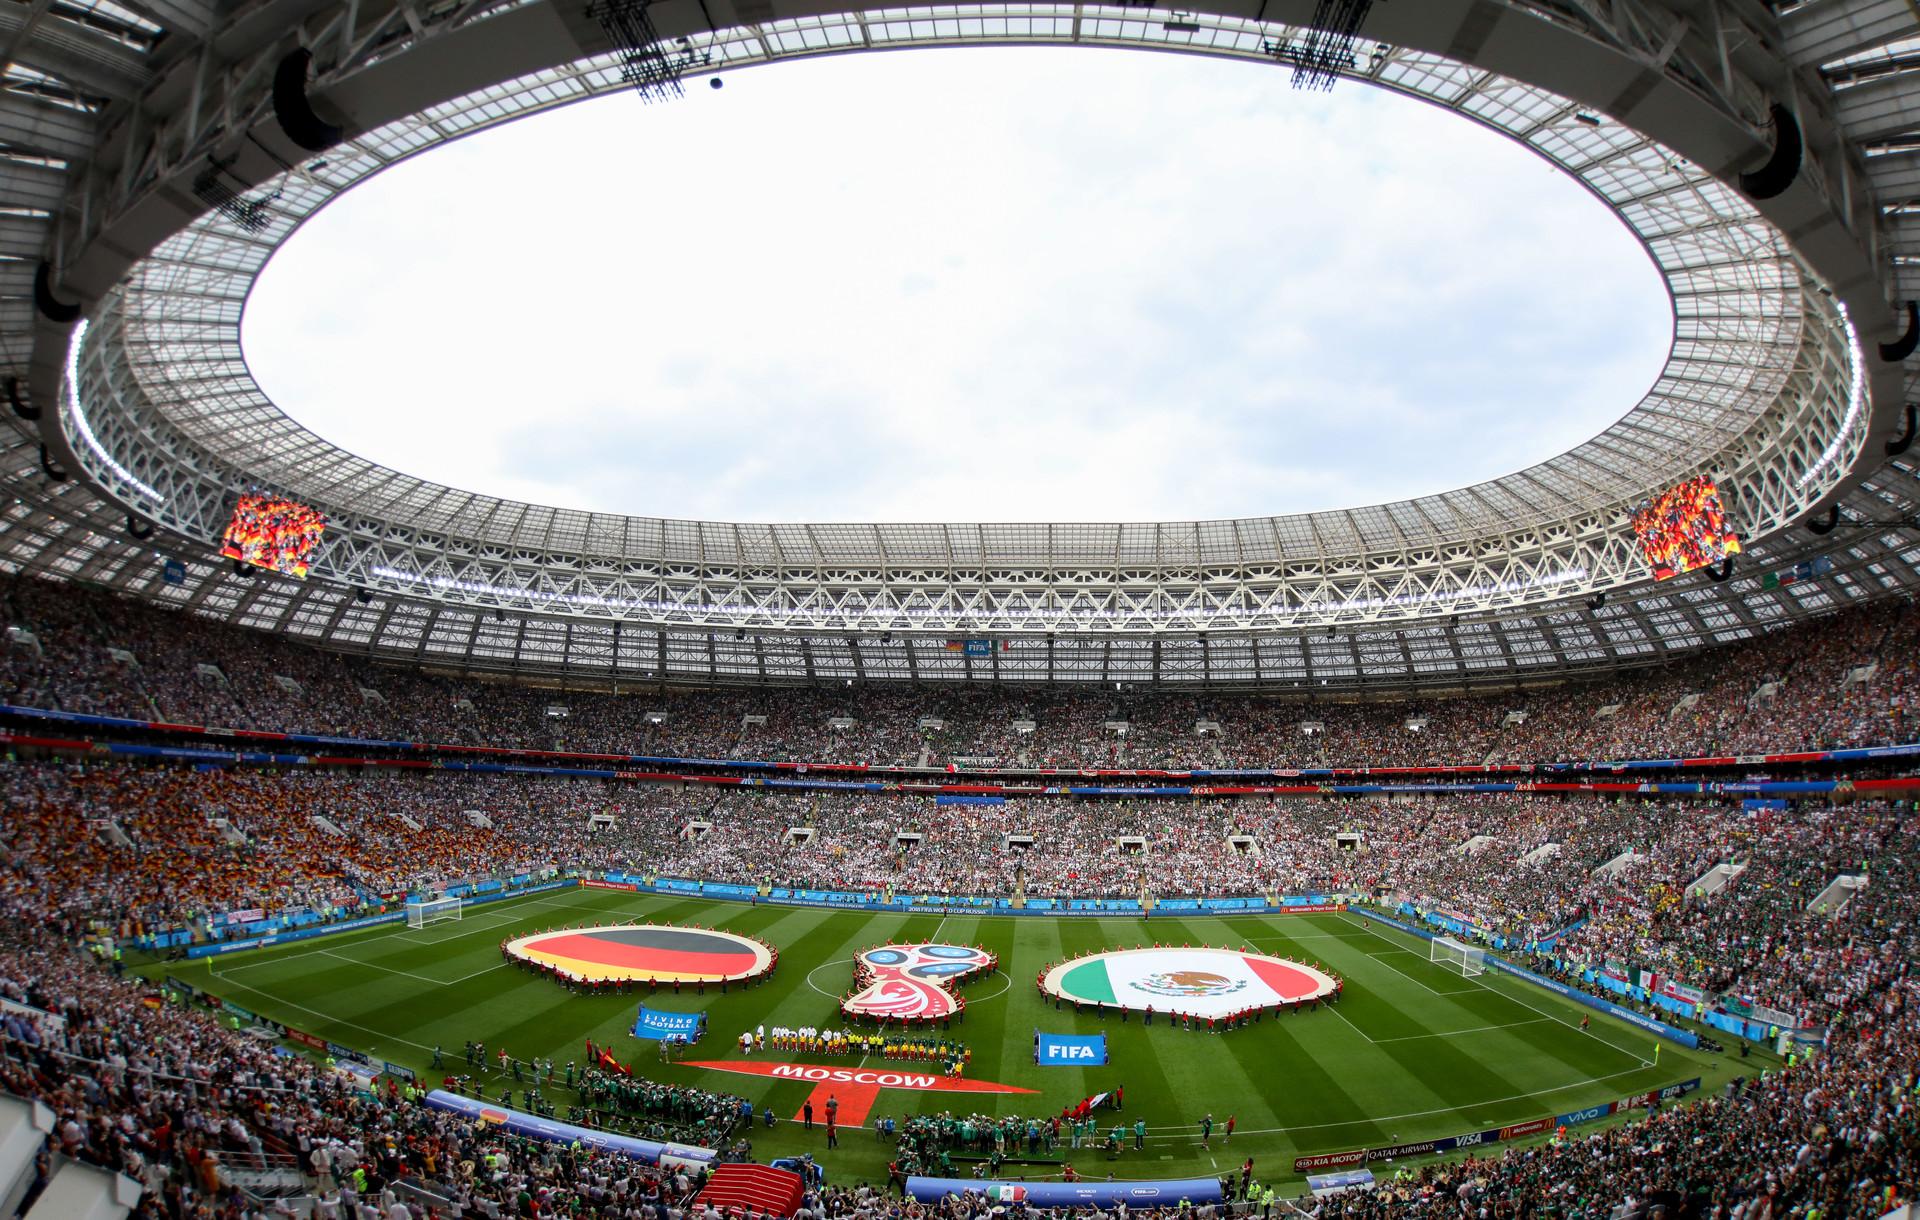 El estadio Luzhnikí antés del partido entre México y Alemania, el 17 de junio de 2018.